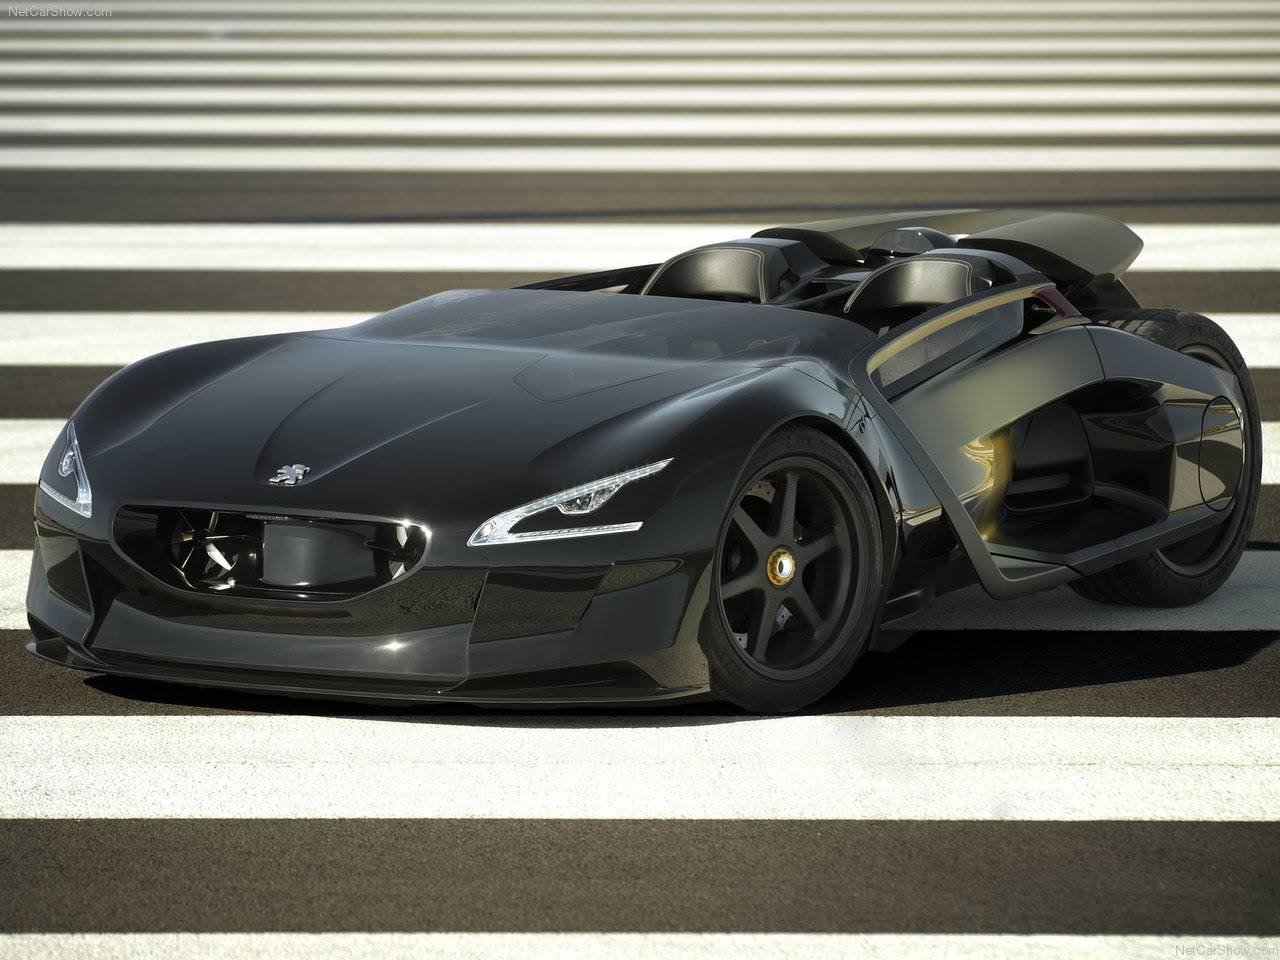 http://4.bp.blogspot.com/_lsyt_wQ2awY/TJroPv5hRqI/AAAAAAACFOY/v4G6bGazOrY/s1600/Peugeot-EX1_Concept_2010_1280x960_wallpaper_03.jpg